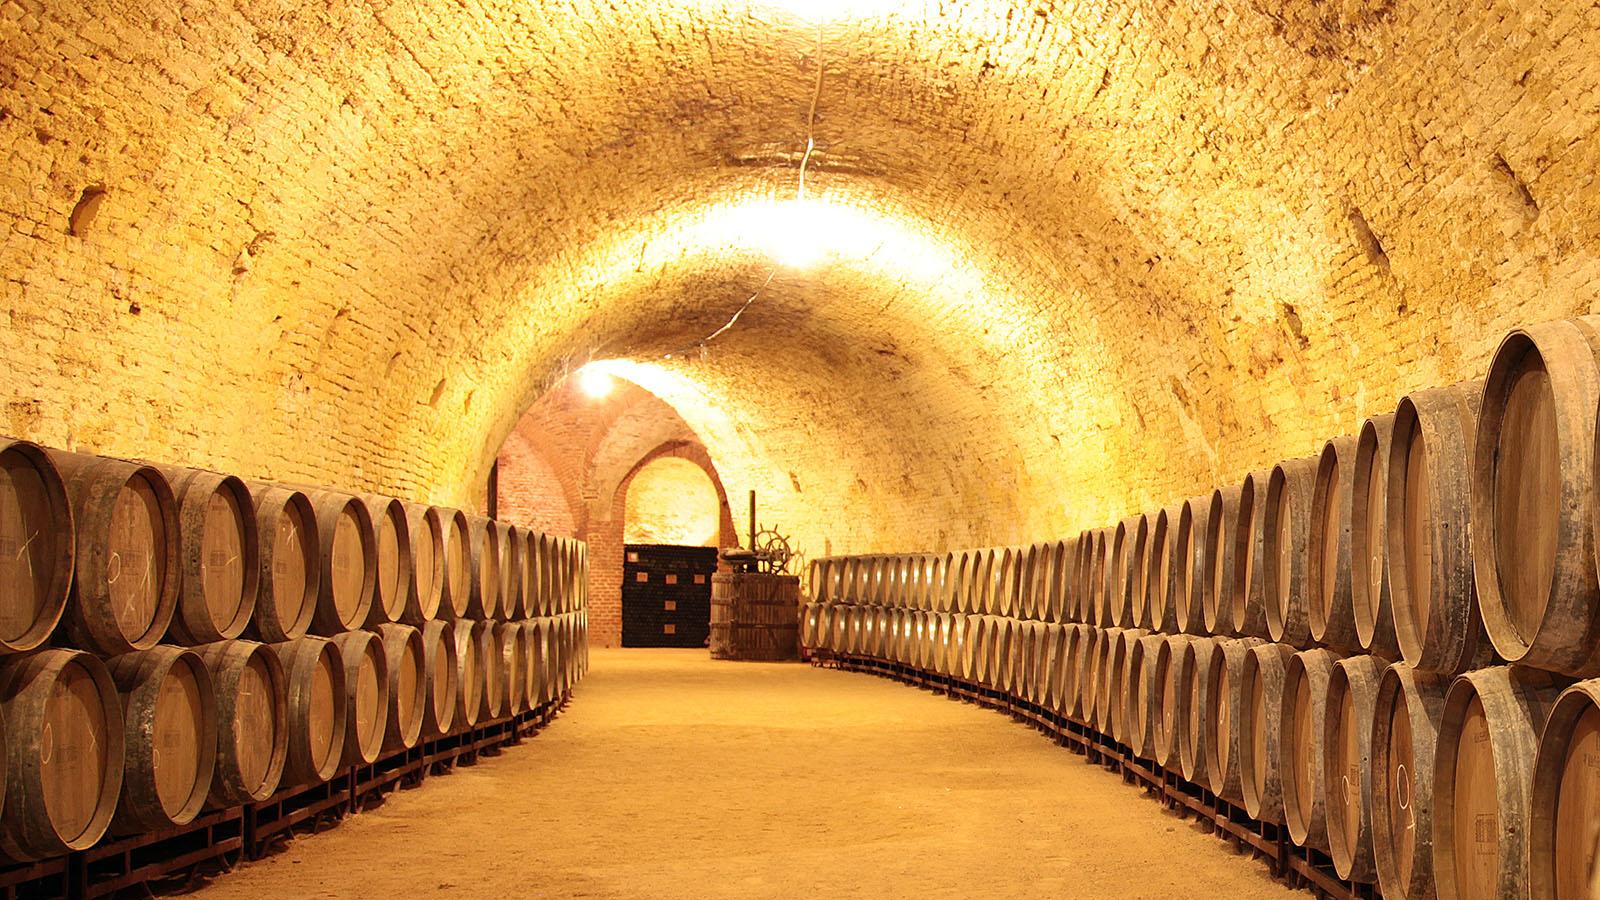 Bodega de Carlos III. La segunda galería, de menor longitud, se dedicó a la conservación de aceite. Las paredes de todo el subterráneo han tenido que ser limpiadas del encalado que pusieron al instalar en 1975 un cultivo de champiñones.